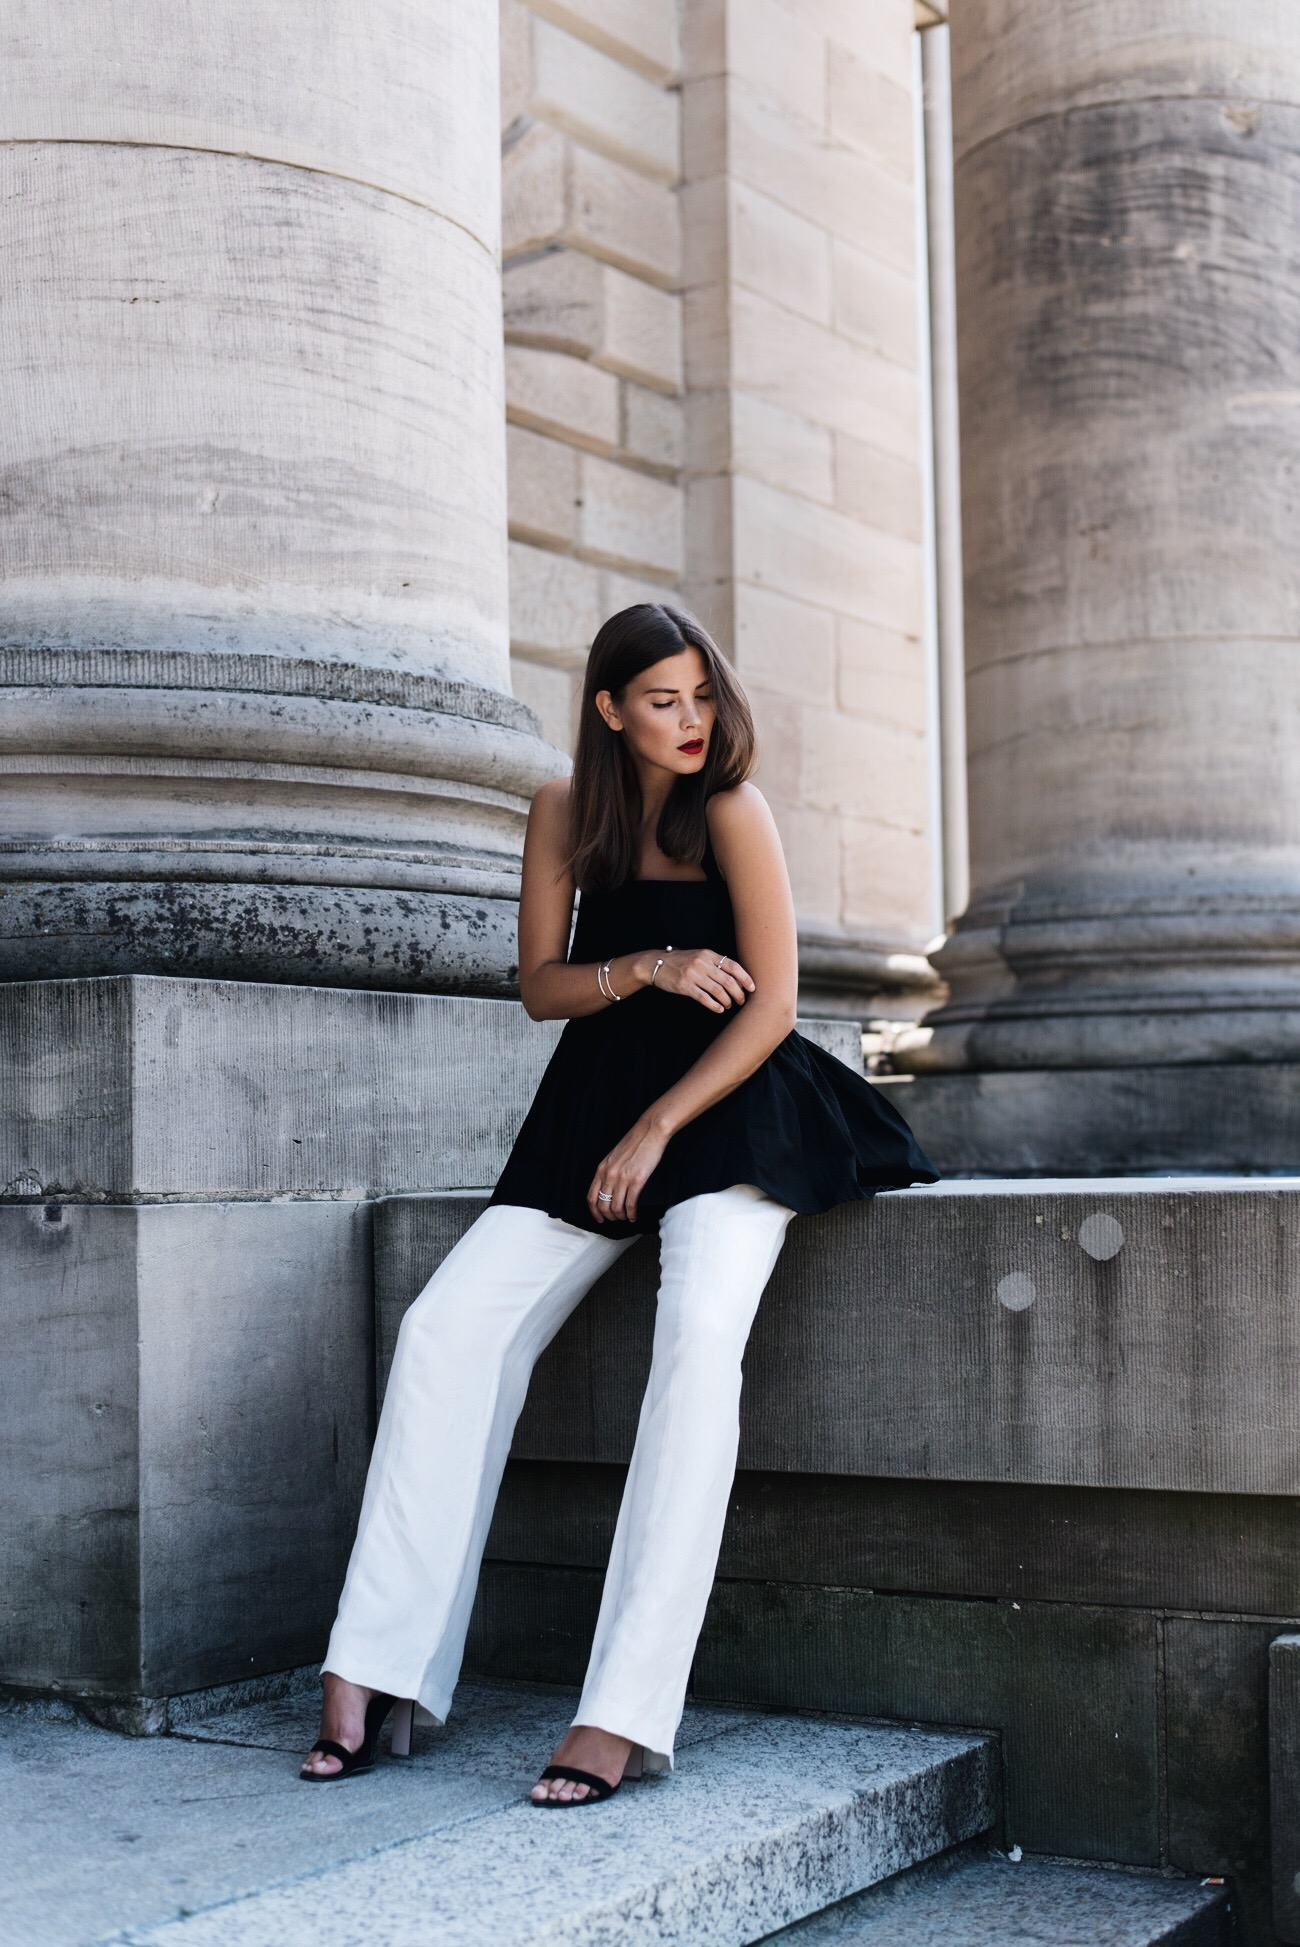 die-besten-mode-und-lifestyle-blogs-deutschlands-münchen-fashiioncarpet-3.jpg